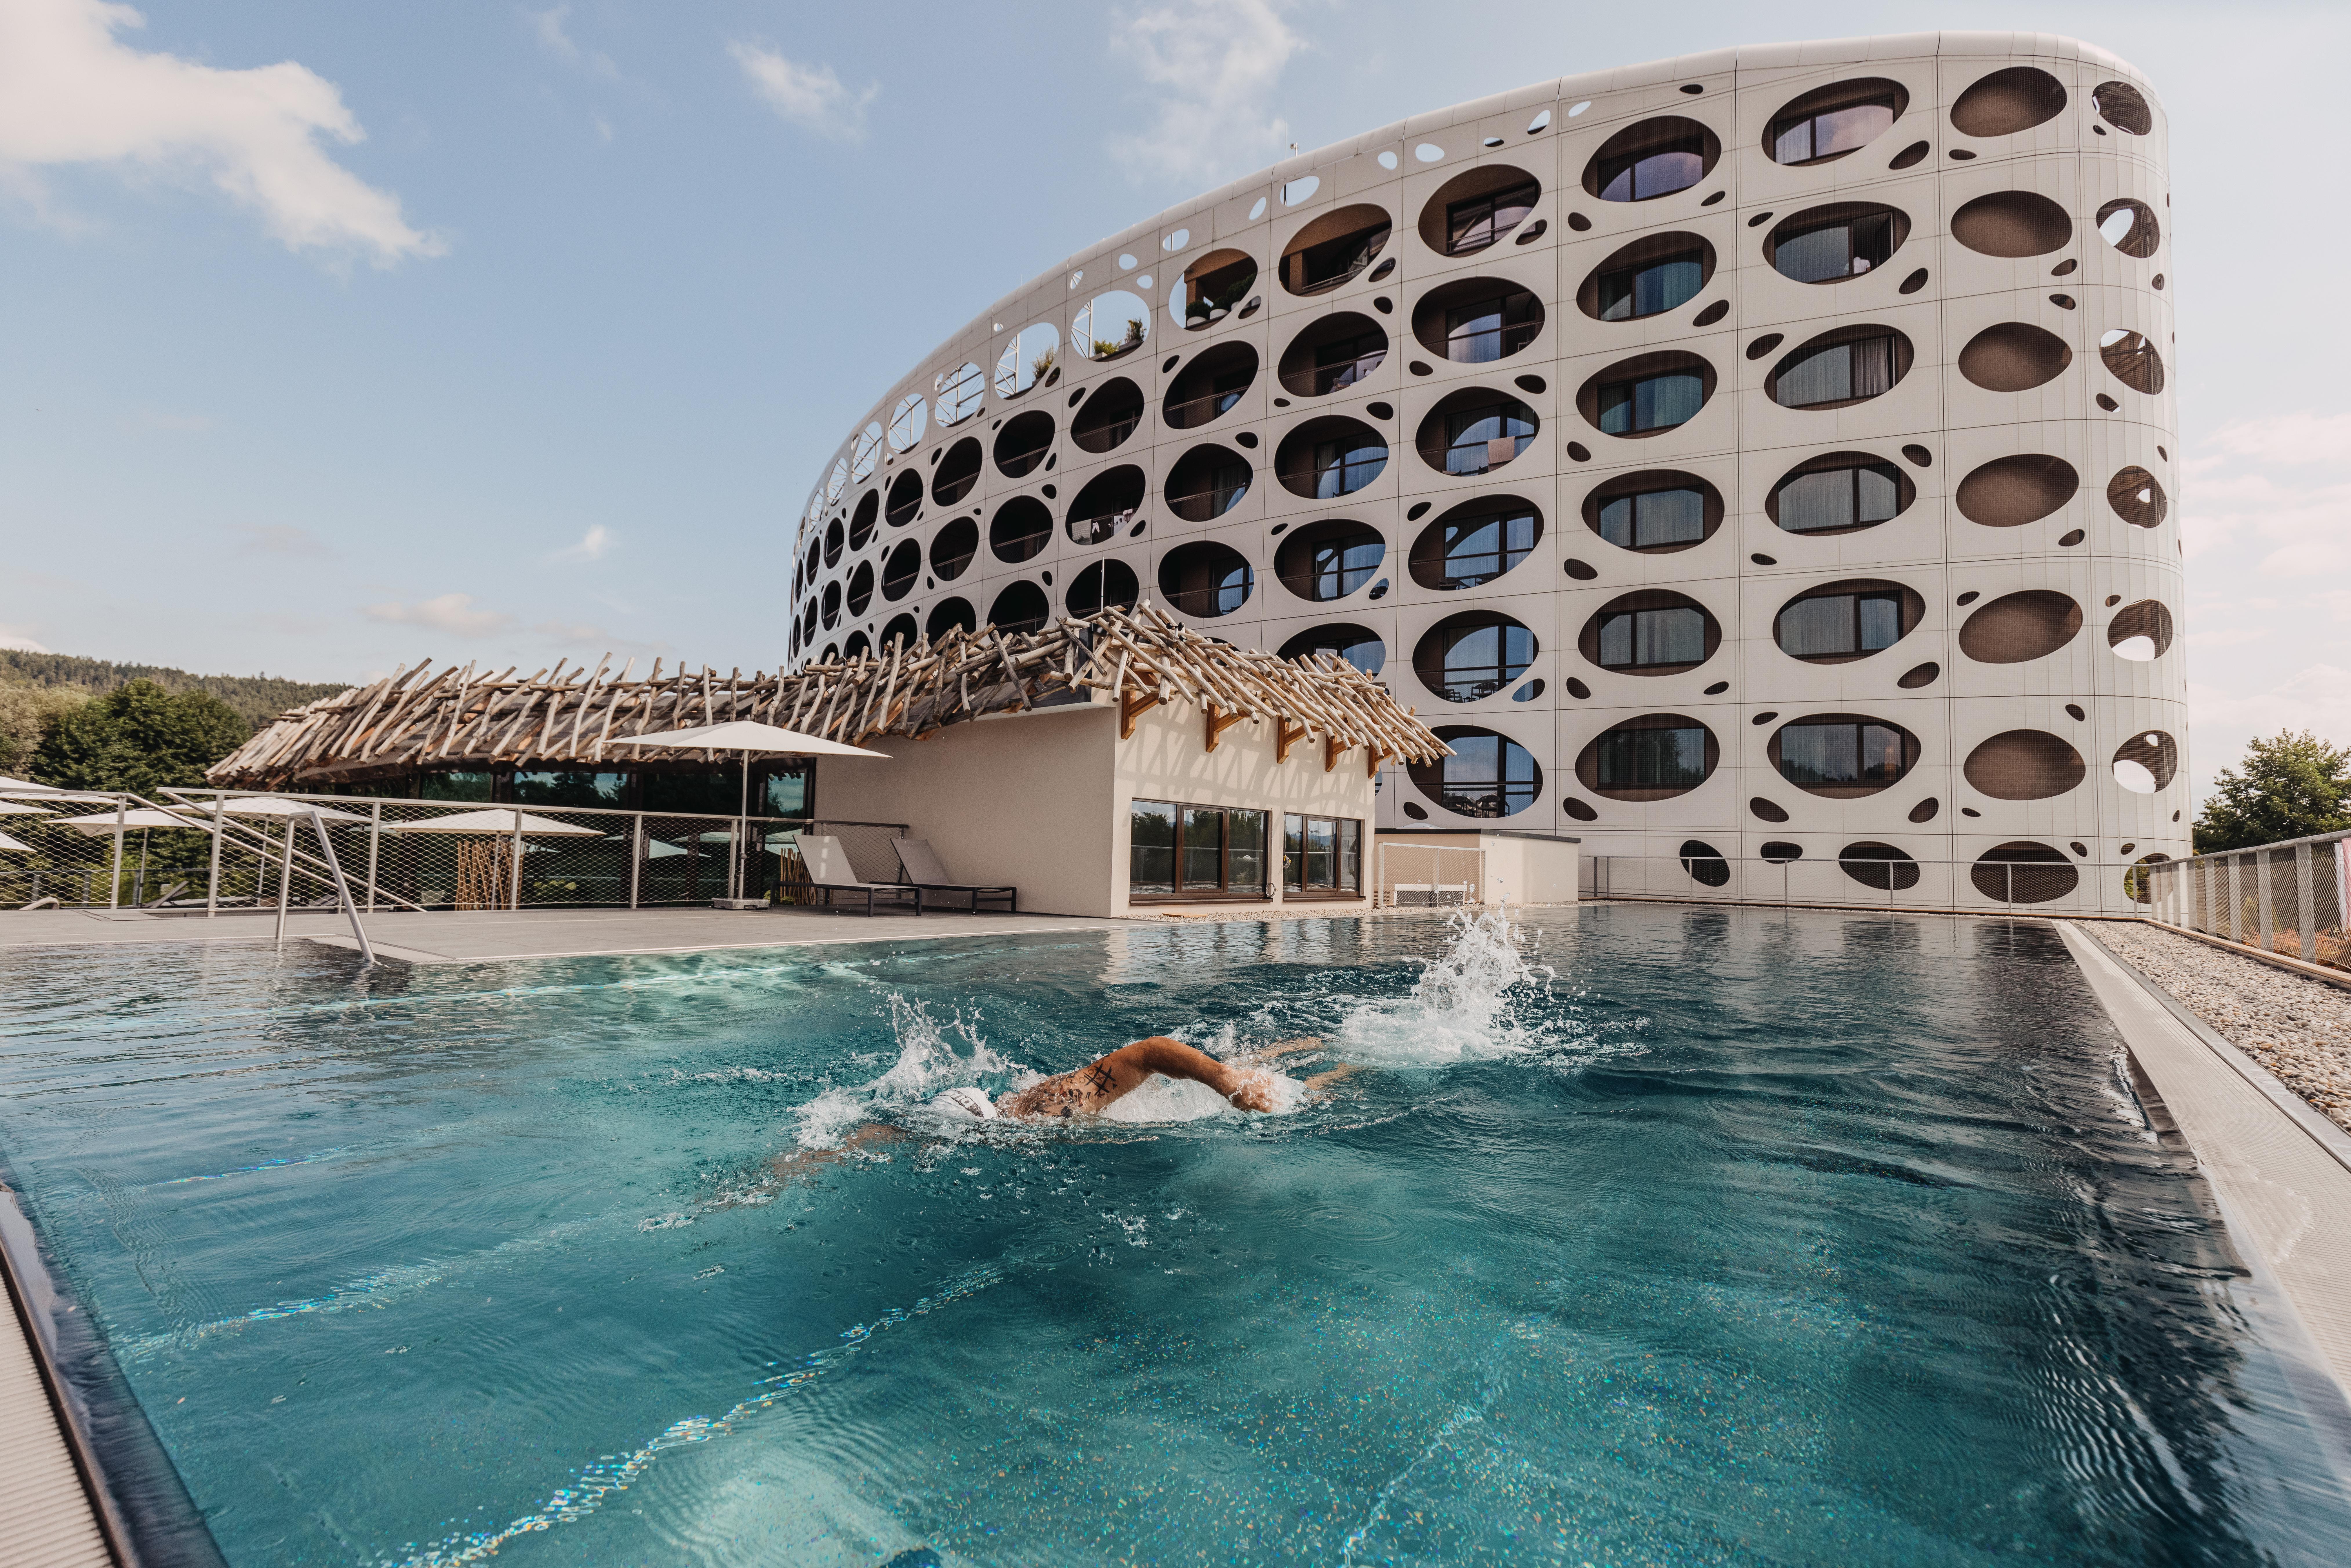 Karnten Hotel Am See